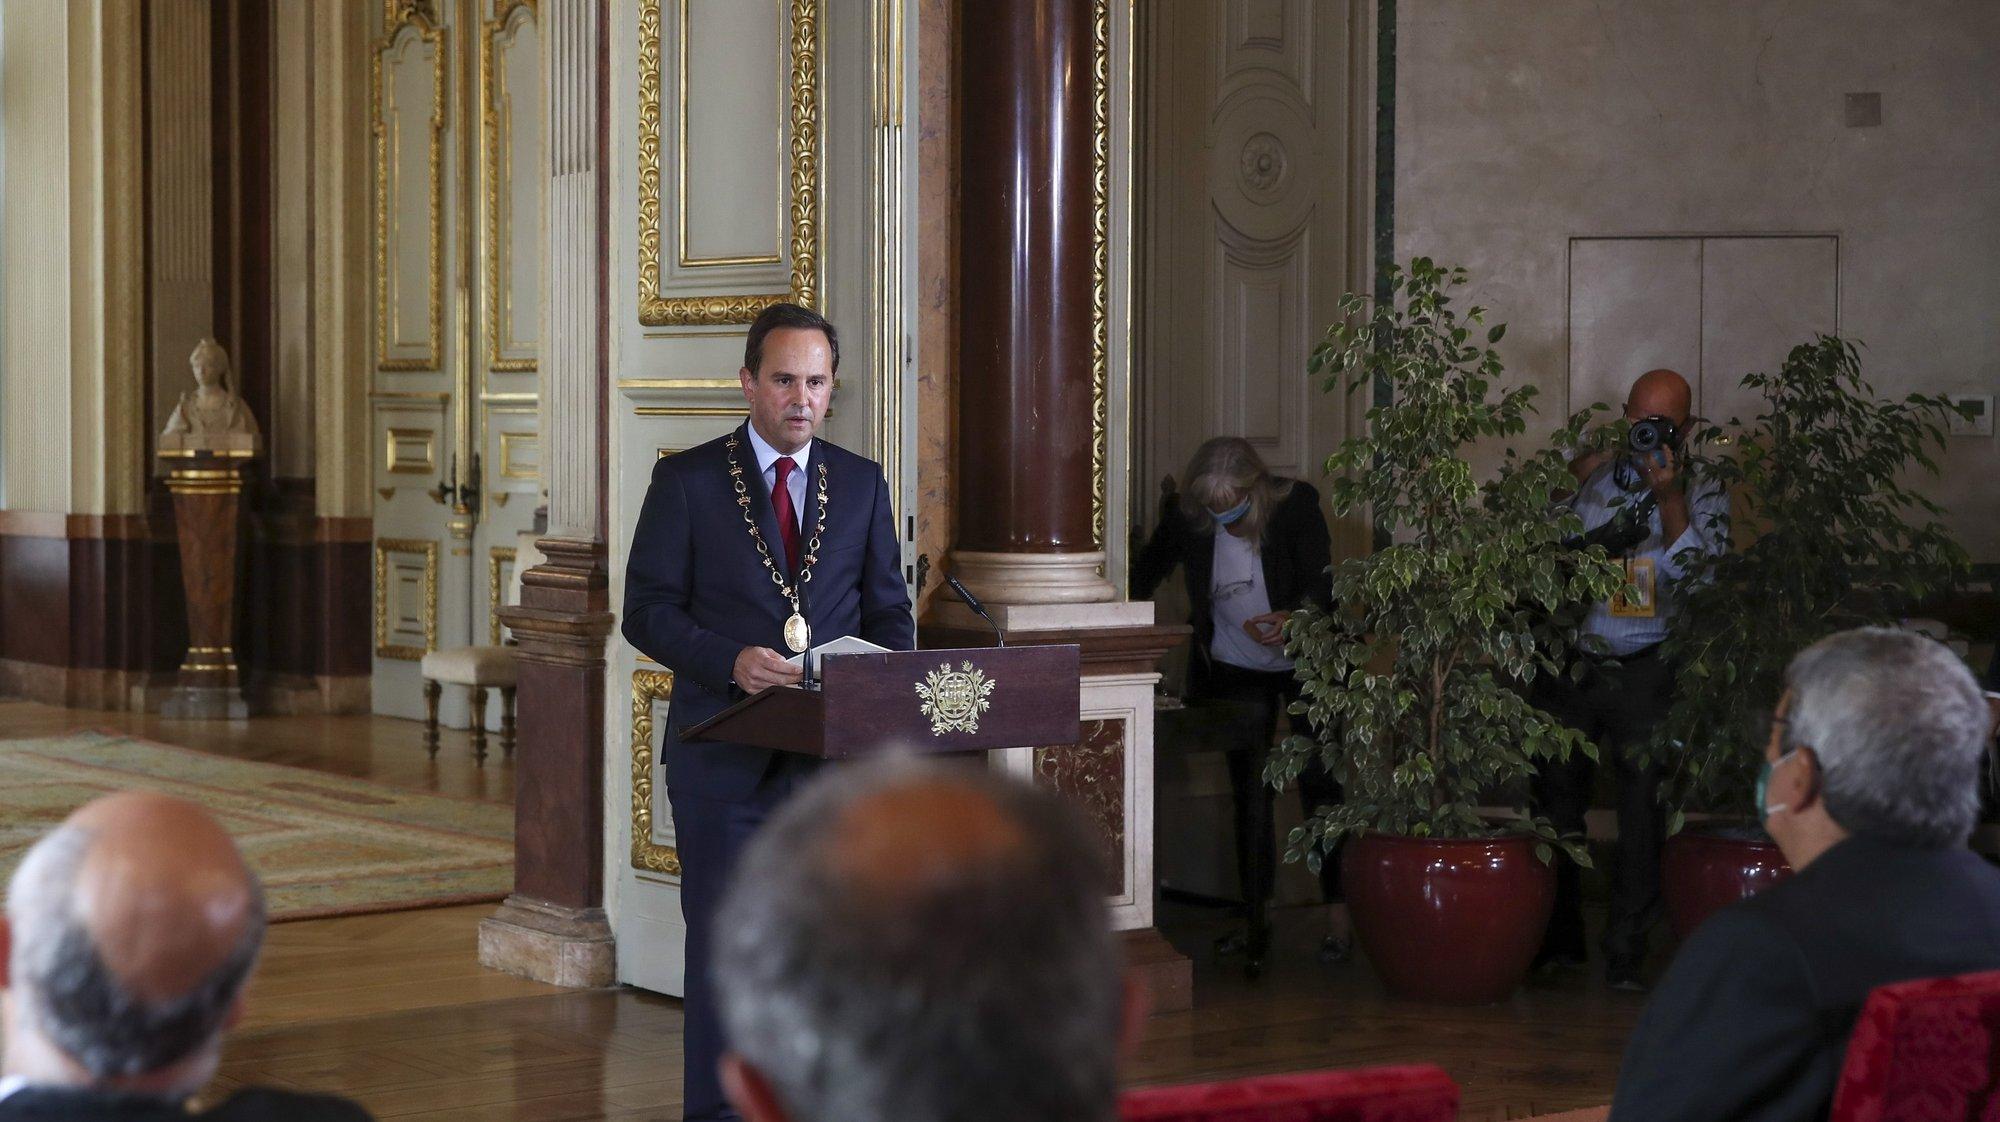 O presidente em exercício da Câmara Municipal de Lisboa, Fernando Medina, discursa no Salão Nobre durante as comemorações oficiais do 5 de Outubro, Dia da Implantação da República Portuguesa, realizadas na Câmara Municipal de Lisboa, 5 de outubro de 2021. MANUEL DE ALMEIDA/LUSA